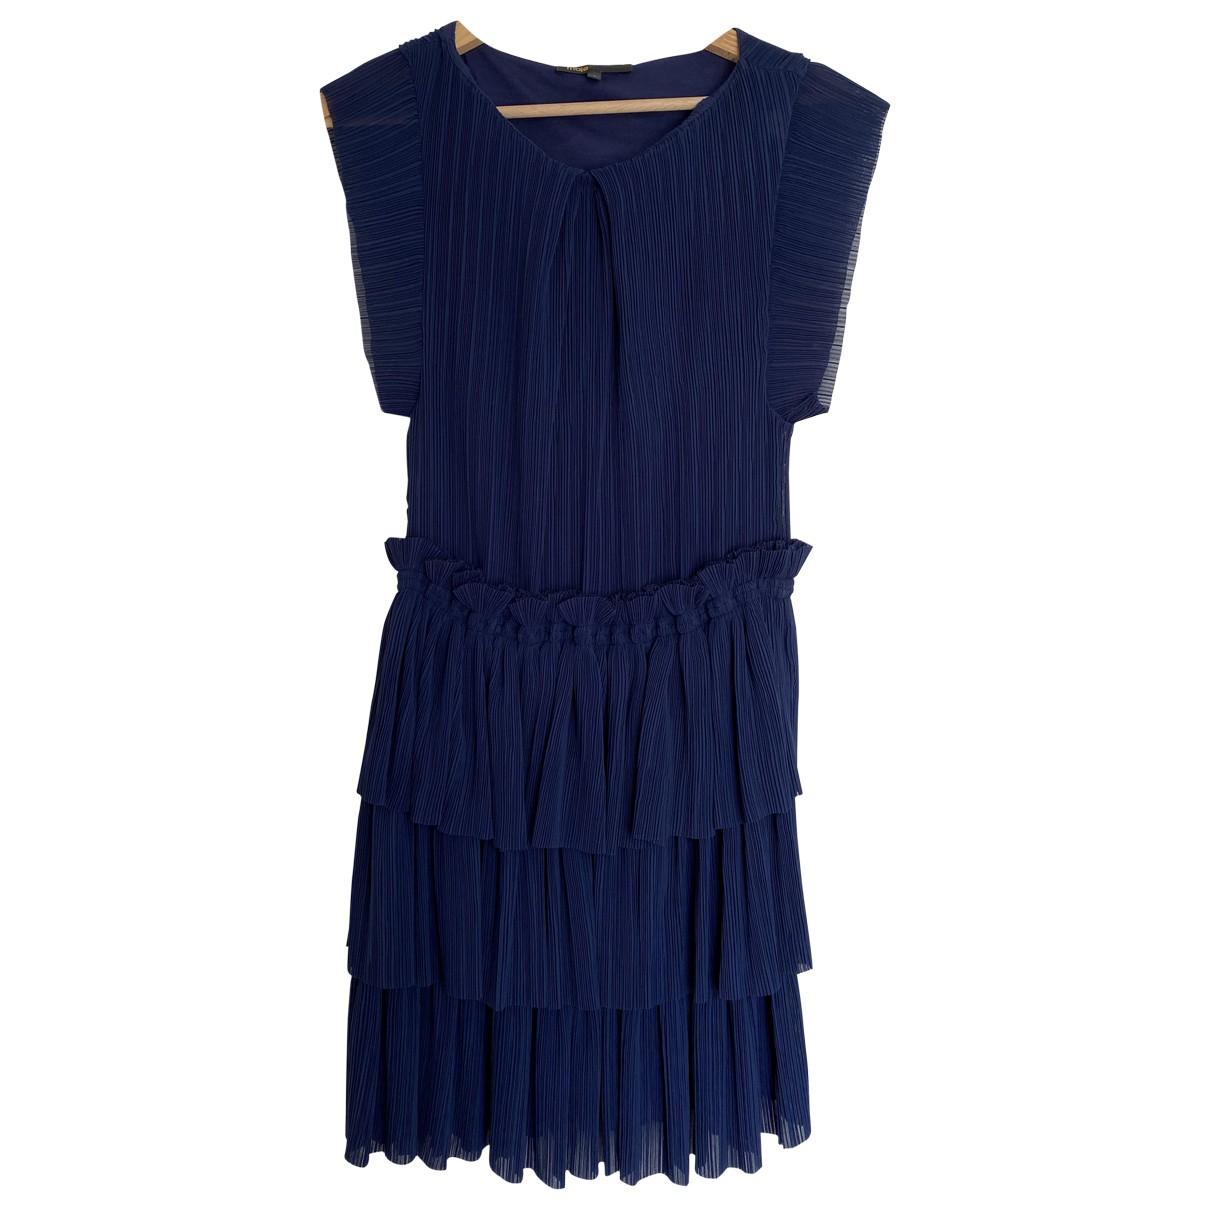 Maje \N Kleid in  Blau Polyester